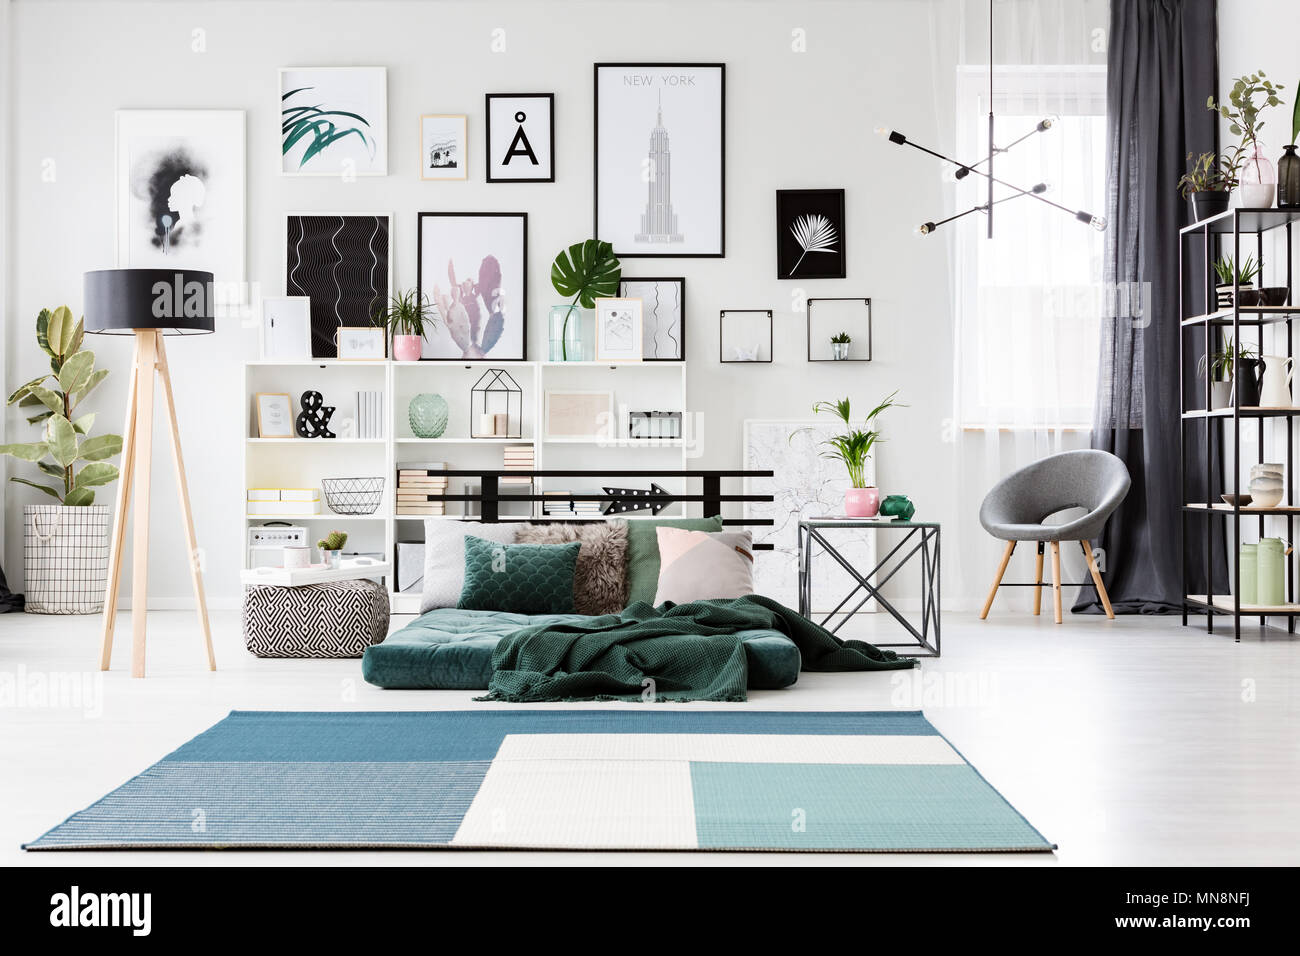 Tapis bleu vert près de matelas et lampe dans une chambre ...